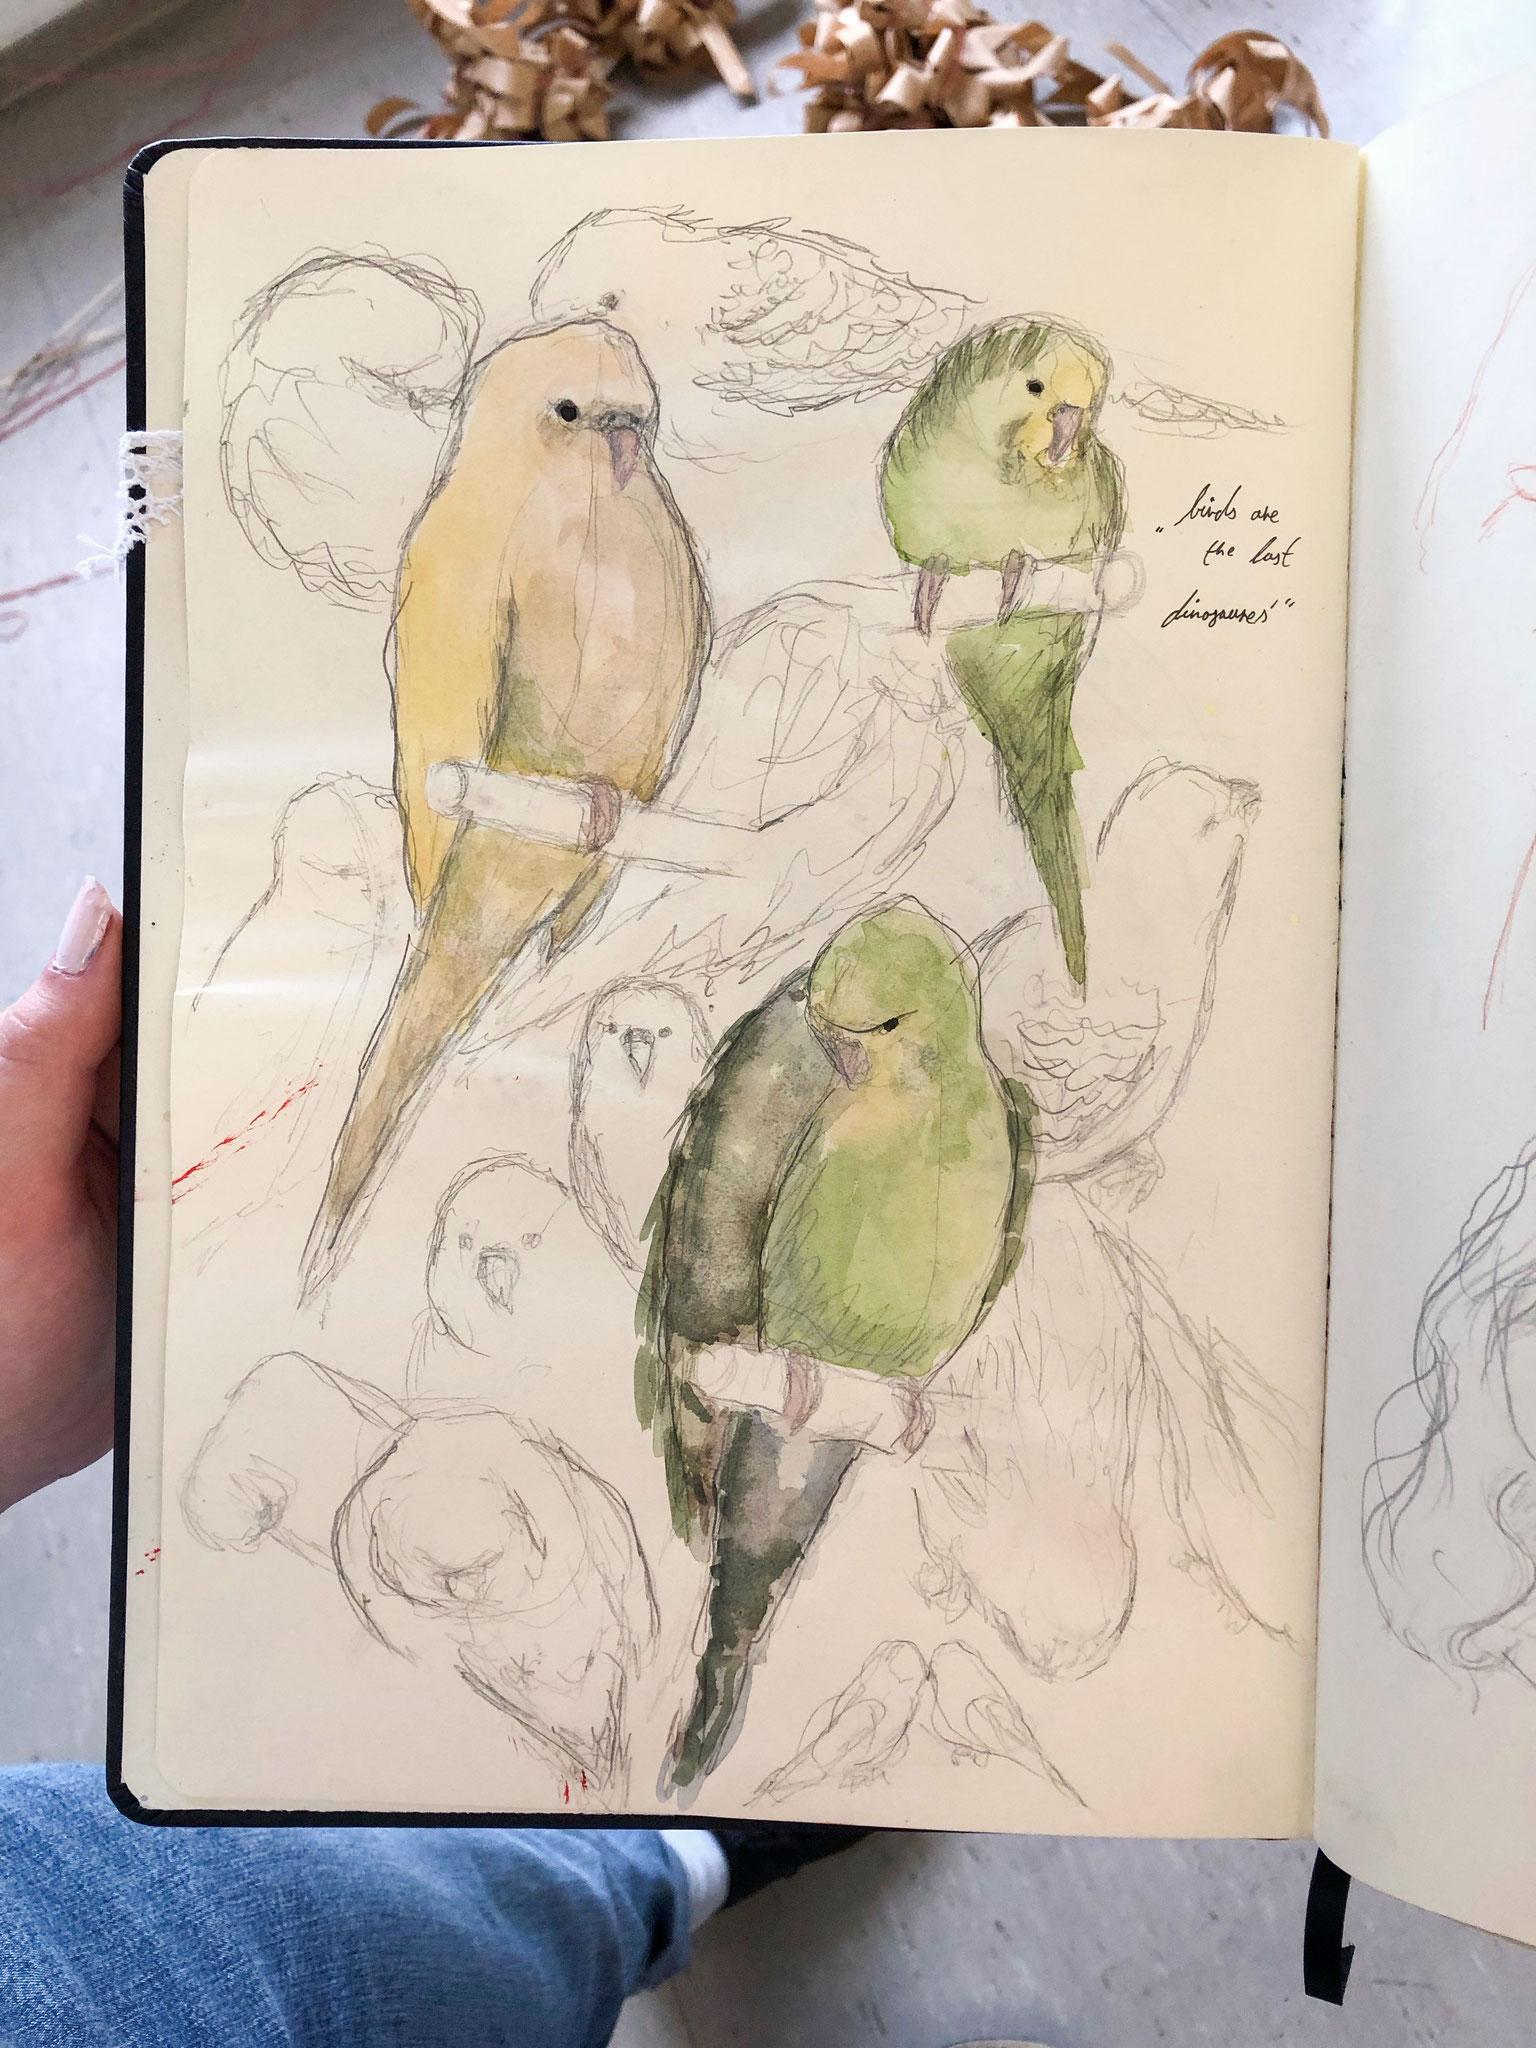 Naturstudie eines Vogels (Lucia Weber)